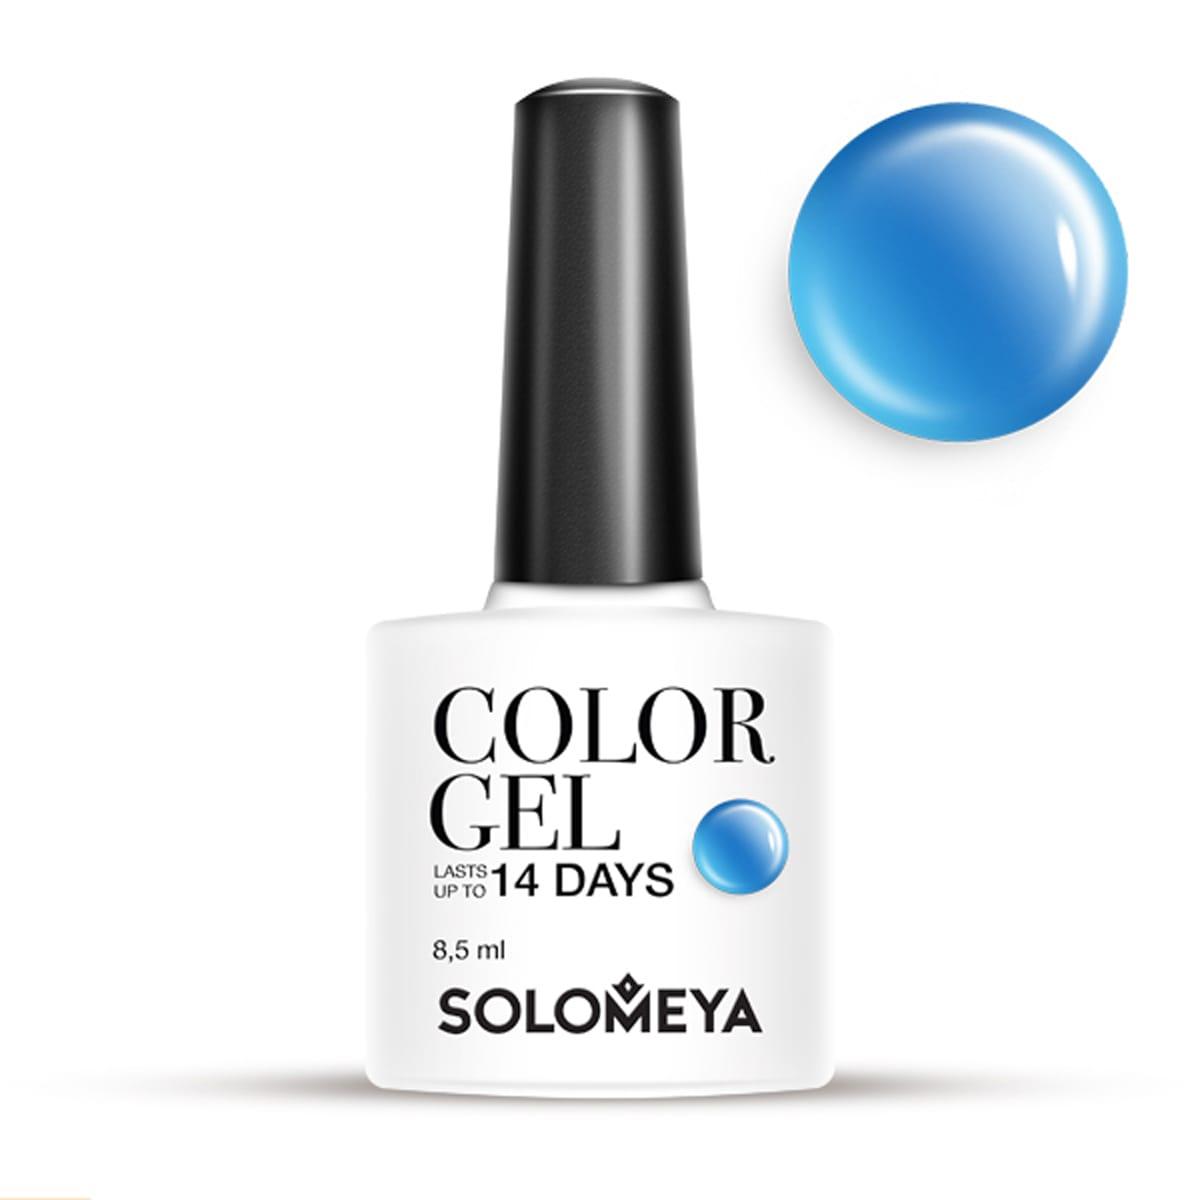 SOLOMEYA Гель-лак для ногтей SCG068 Голубая конфета / Color Gel Blue Candy 8,5мл гель лак для ногтей solomeya color gel beret scg034 берет 8 5 мл